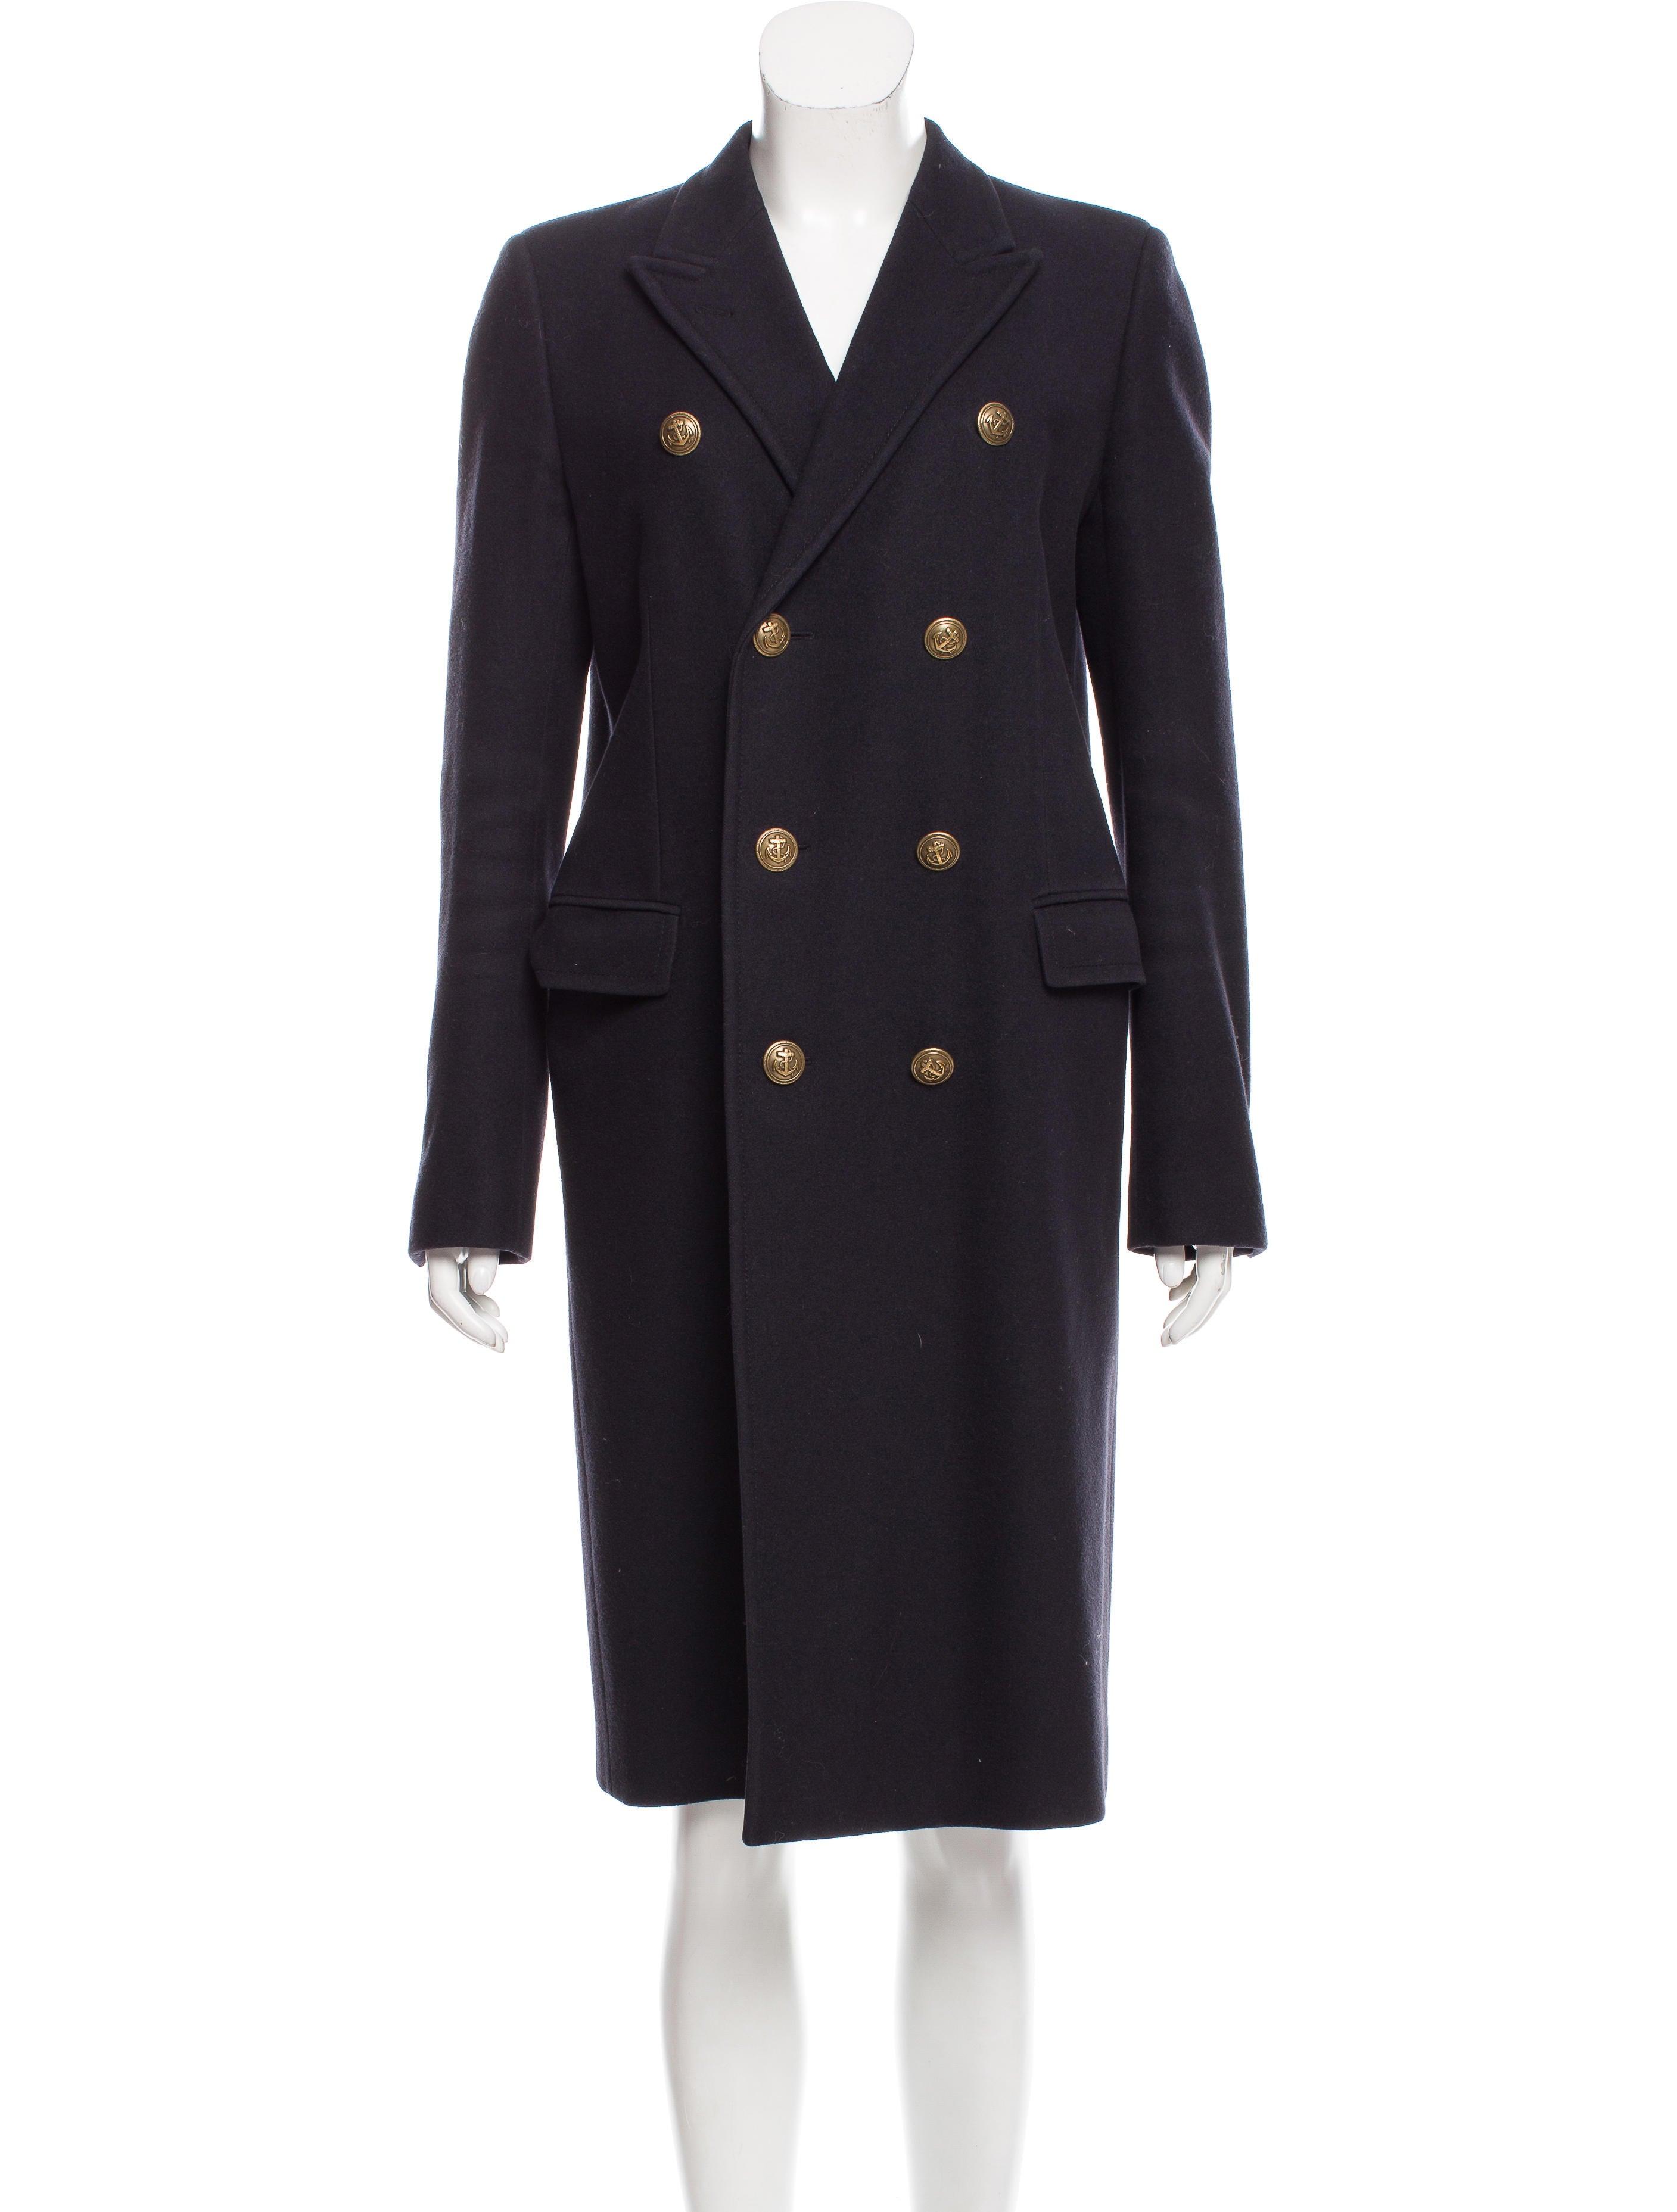 Saint laurent structured wool coat clothing snt34211 for Saint laurent shirt womens